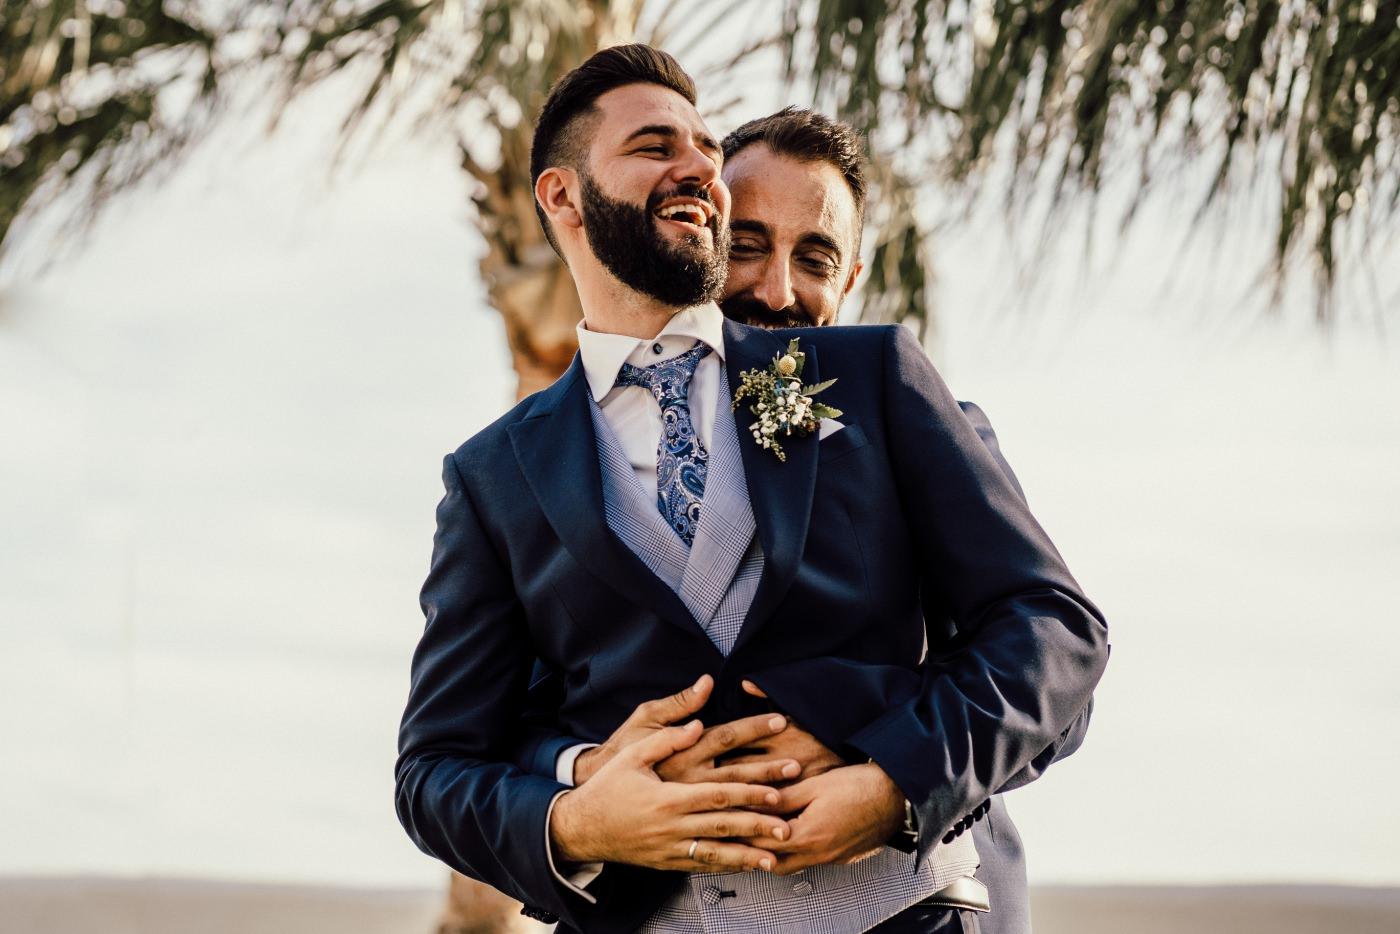 Fotografos en una boda gay